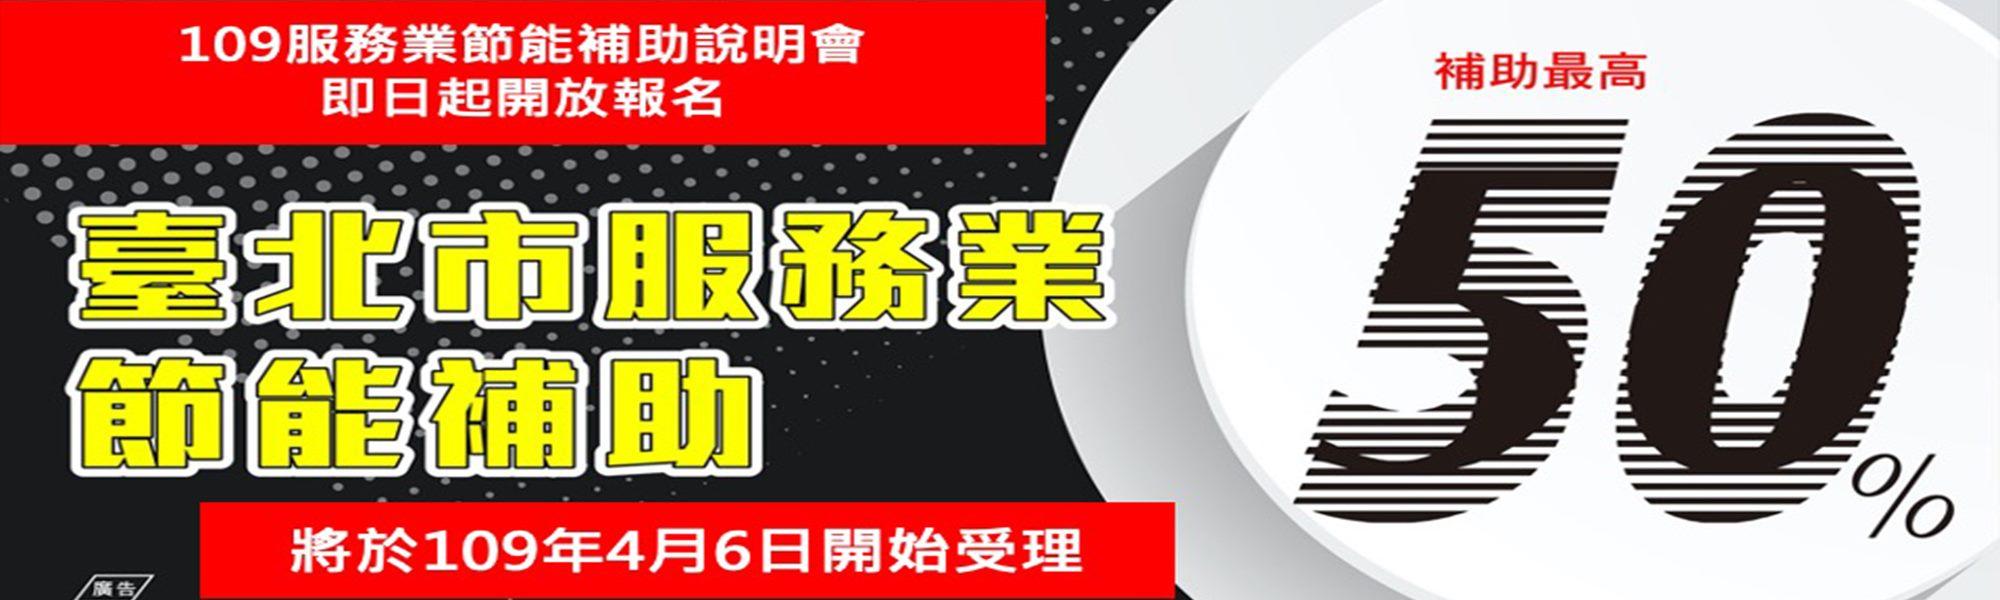 幫老闆省時省力又省錢!「臺北市服務業節電汰換補助」啟動一條龍便利服務